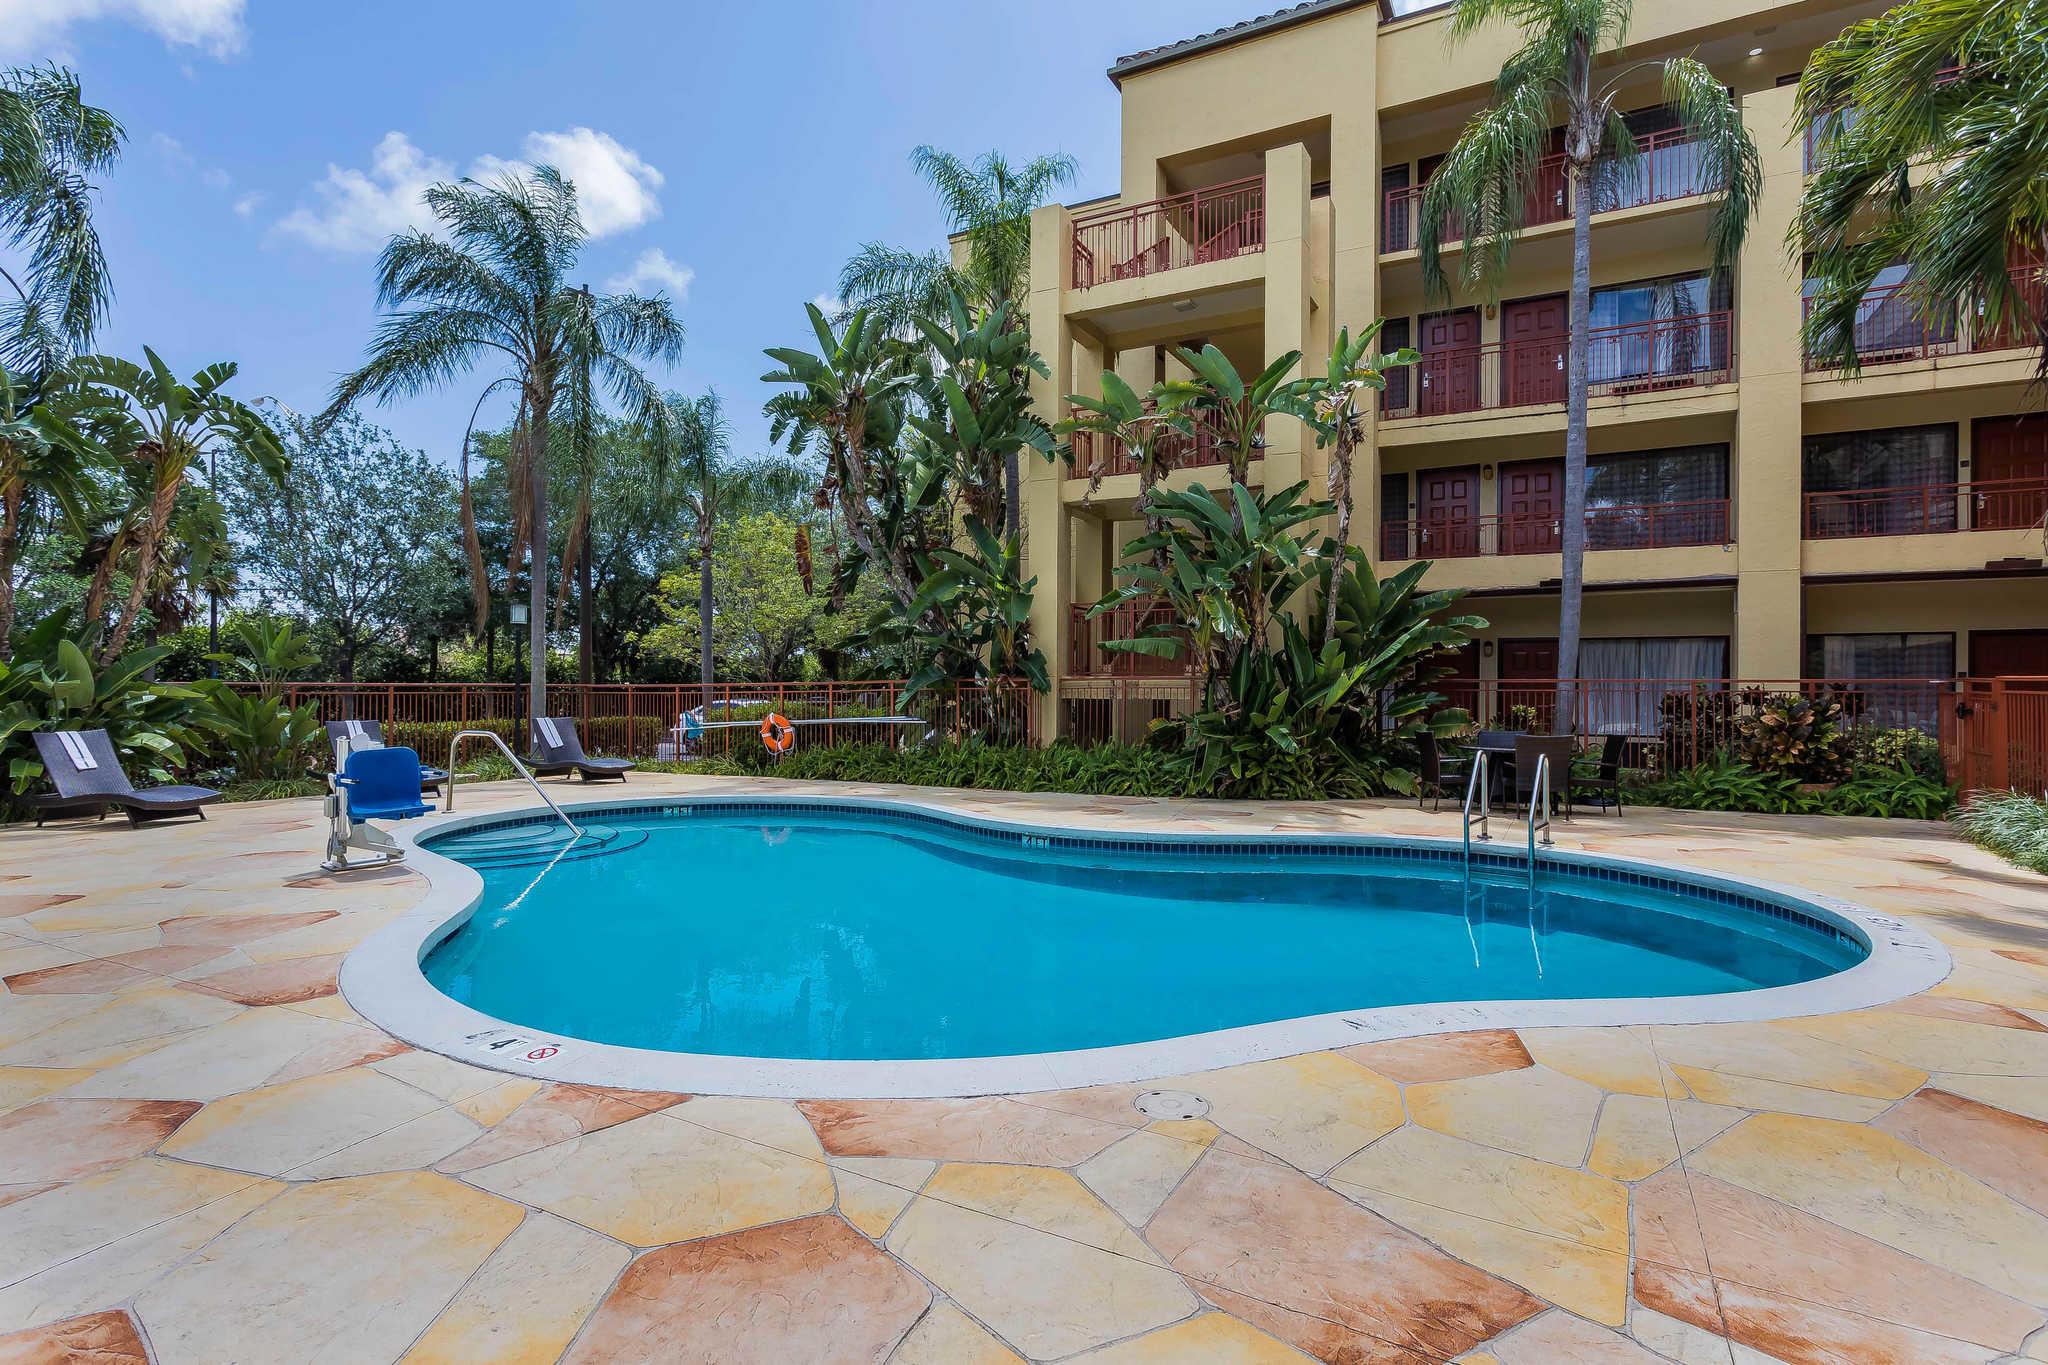 Quality Suites Deerfield Beach Fl